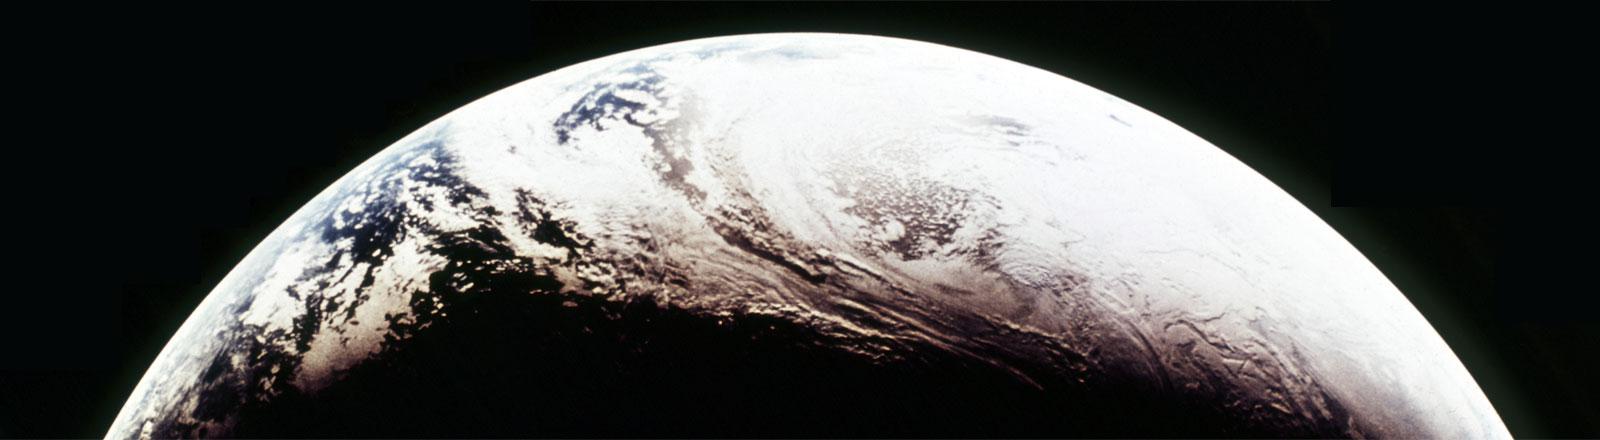 Die Erdkugel, wie sie aus dem Weltraum zu sehen ist.